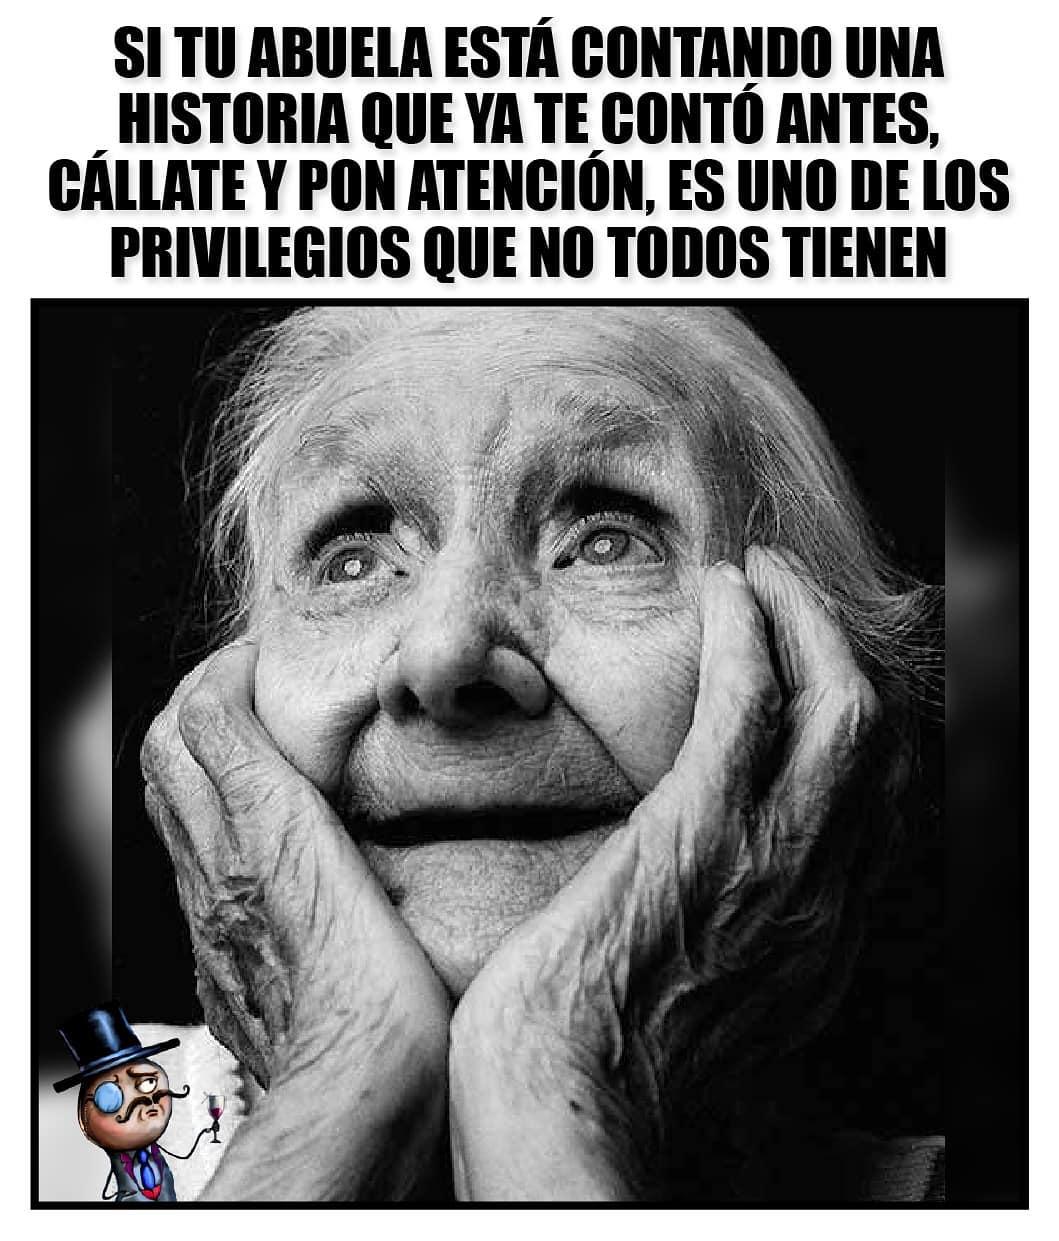 Si tu abuela está contando una historia que ya te conto antes, cállate y pon atencion, es uno de los privilegios que no todos tienen.